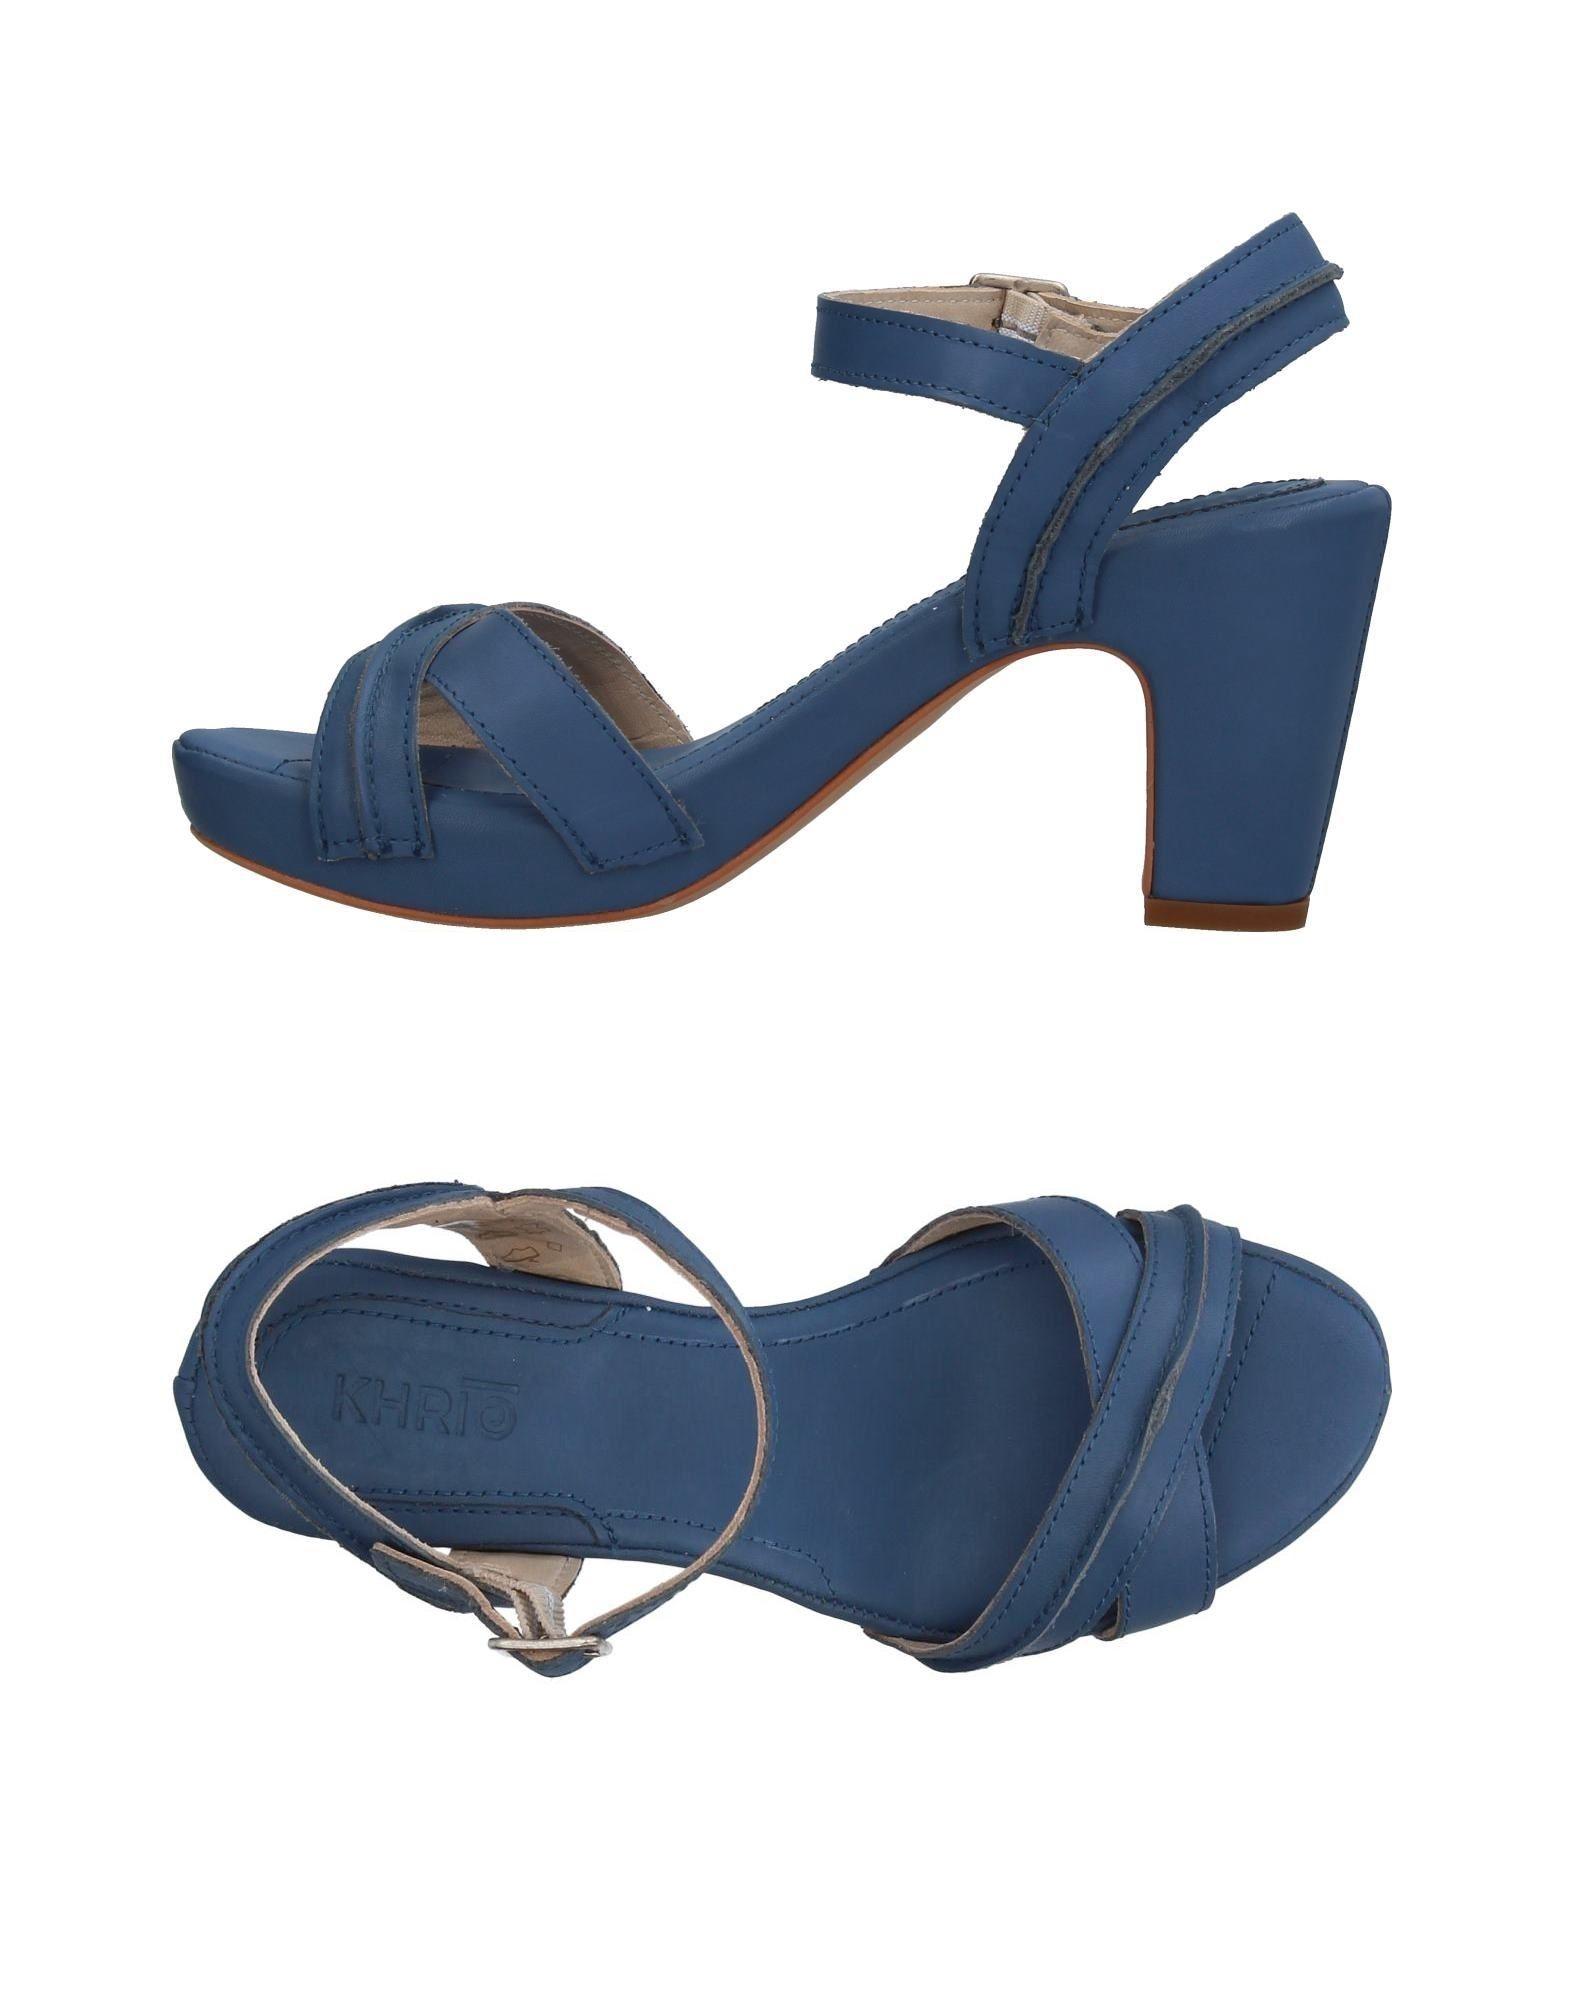 Sandali Khrio' Donna - 11409220JI Scarpe economiche e buone